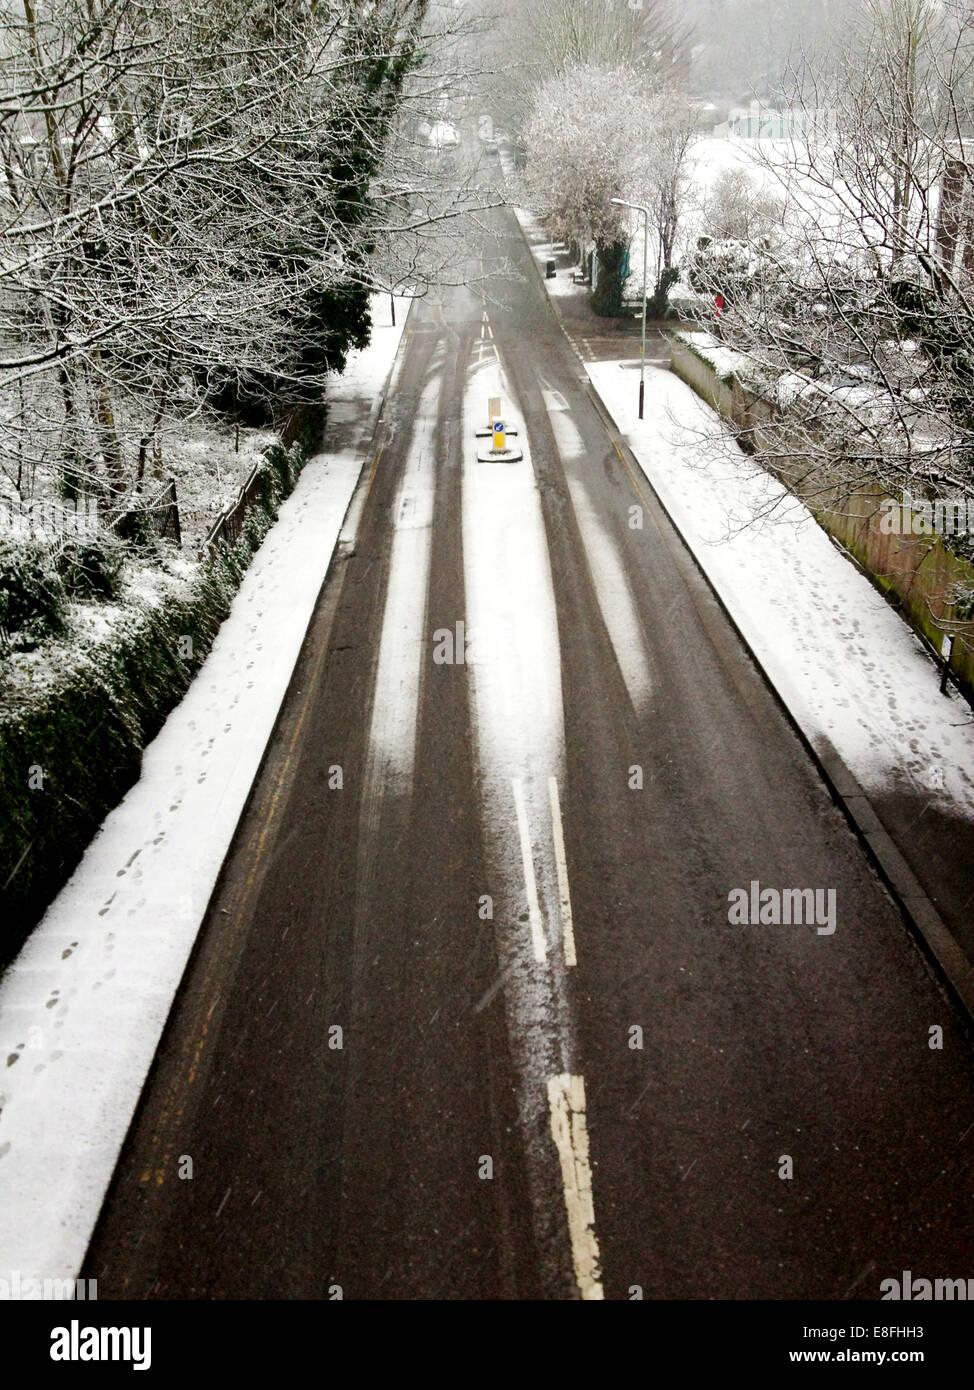 Großbritannien, London, London Borough of Haringey, Crouch End, Straße mit Schnee bedeckt Stockbild